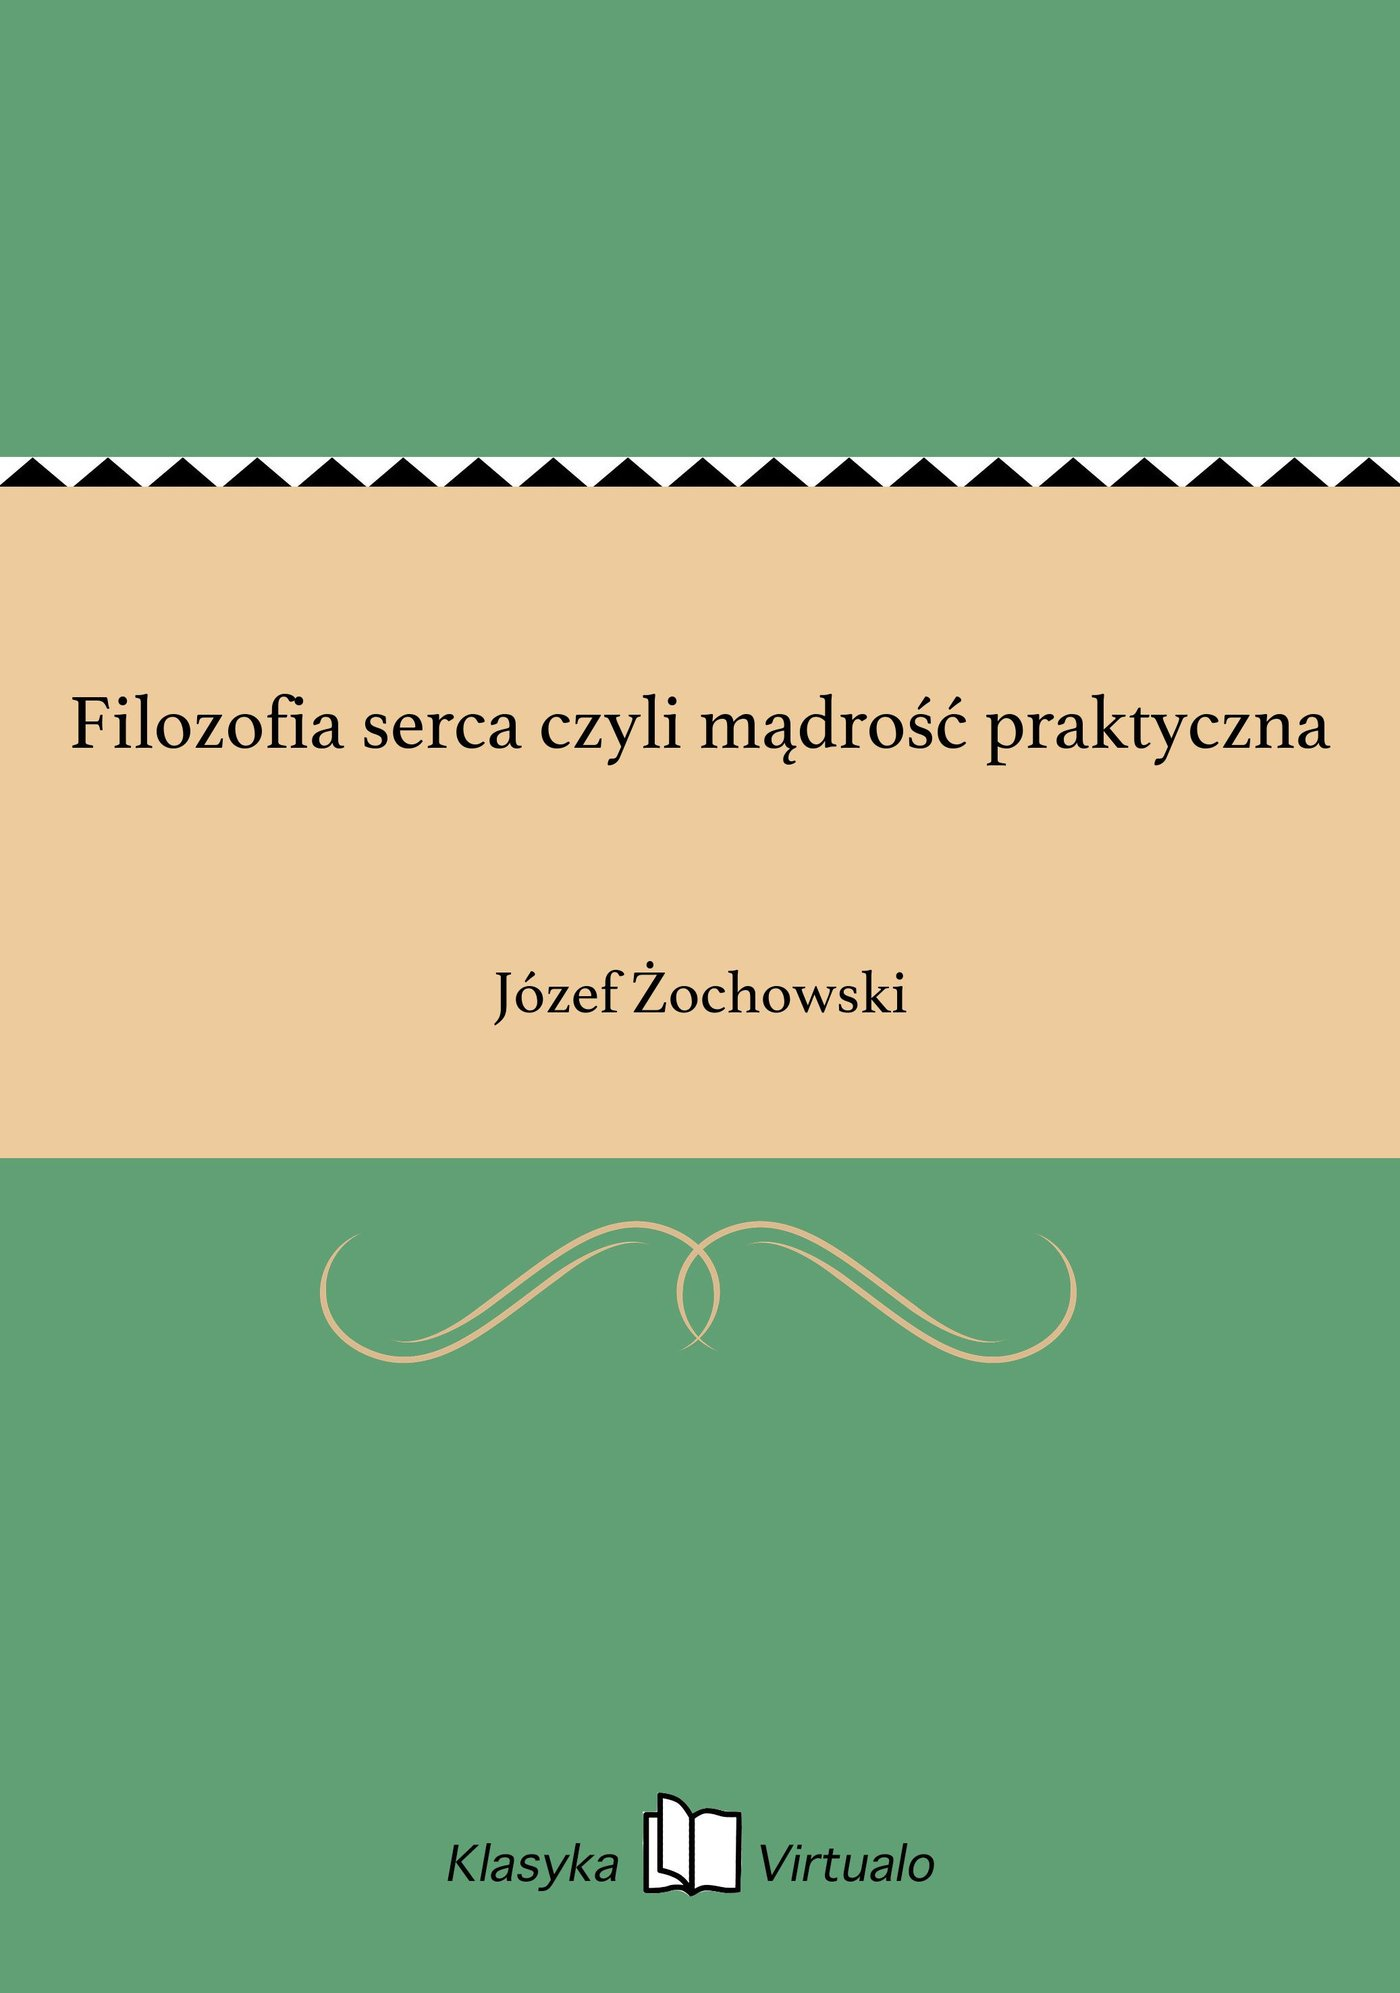 Filozofia serca czyli mądrość praktyczna - Ebook (Książka na Kindle) do pobrania w formacie MOBI